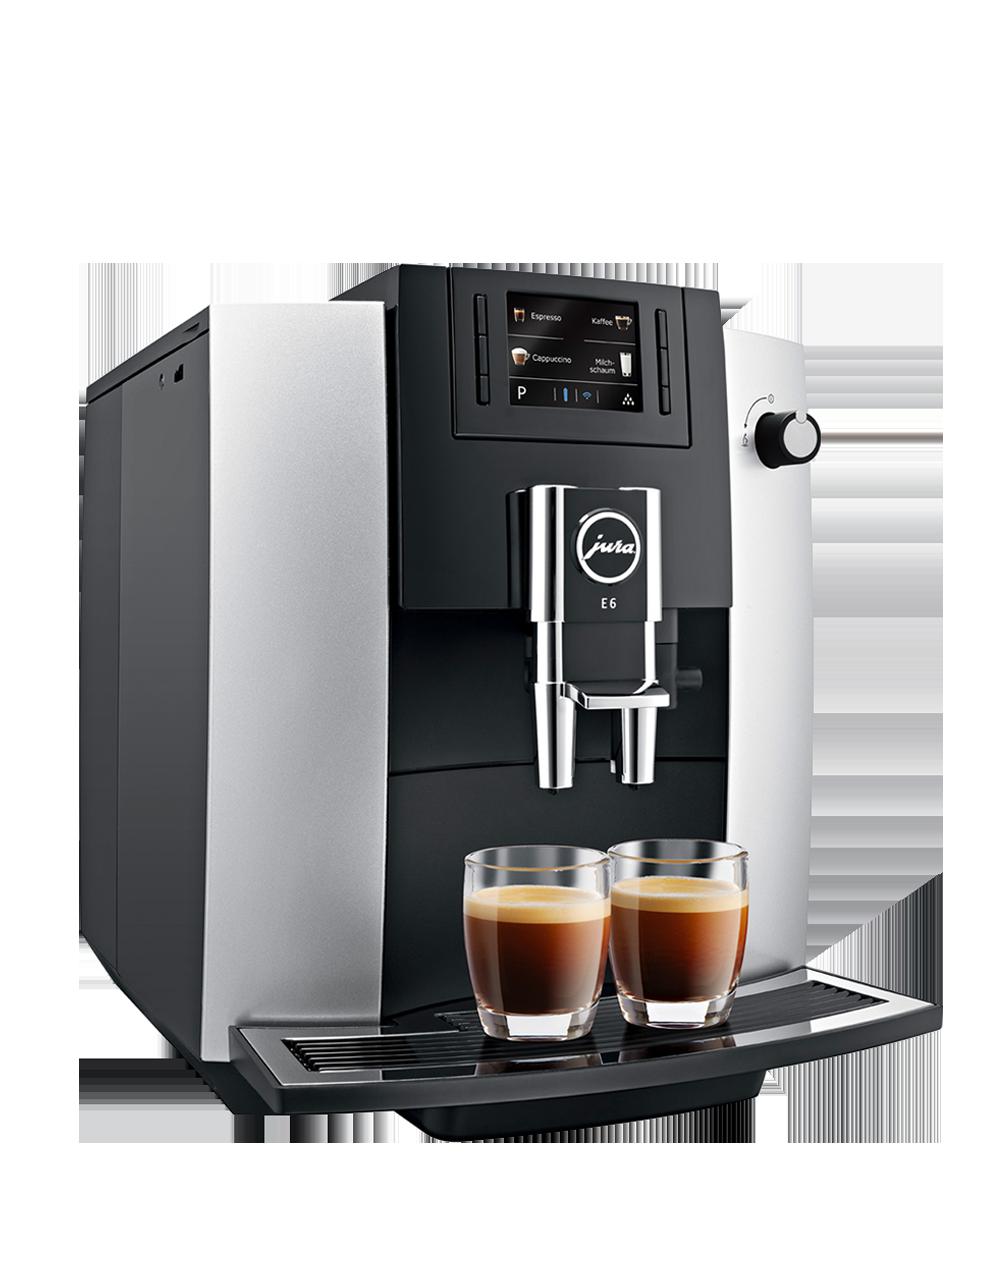 Le percolateur avec ces types de café et la recette de cappuccino fait maison